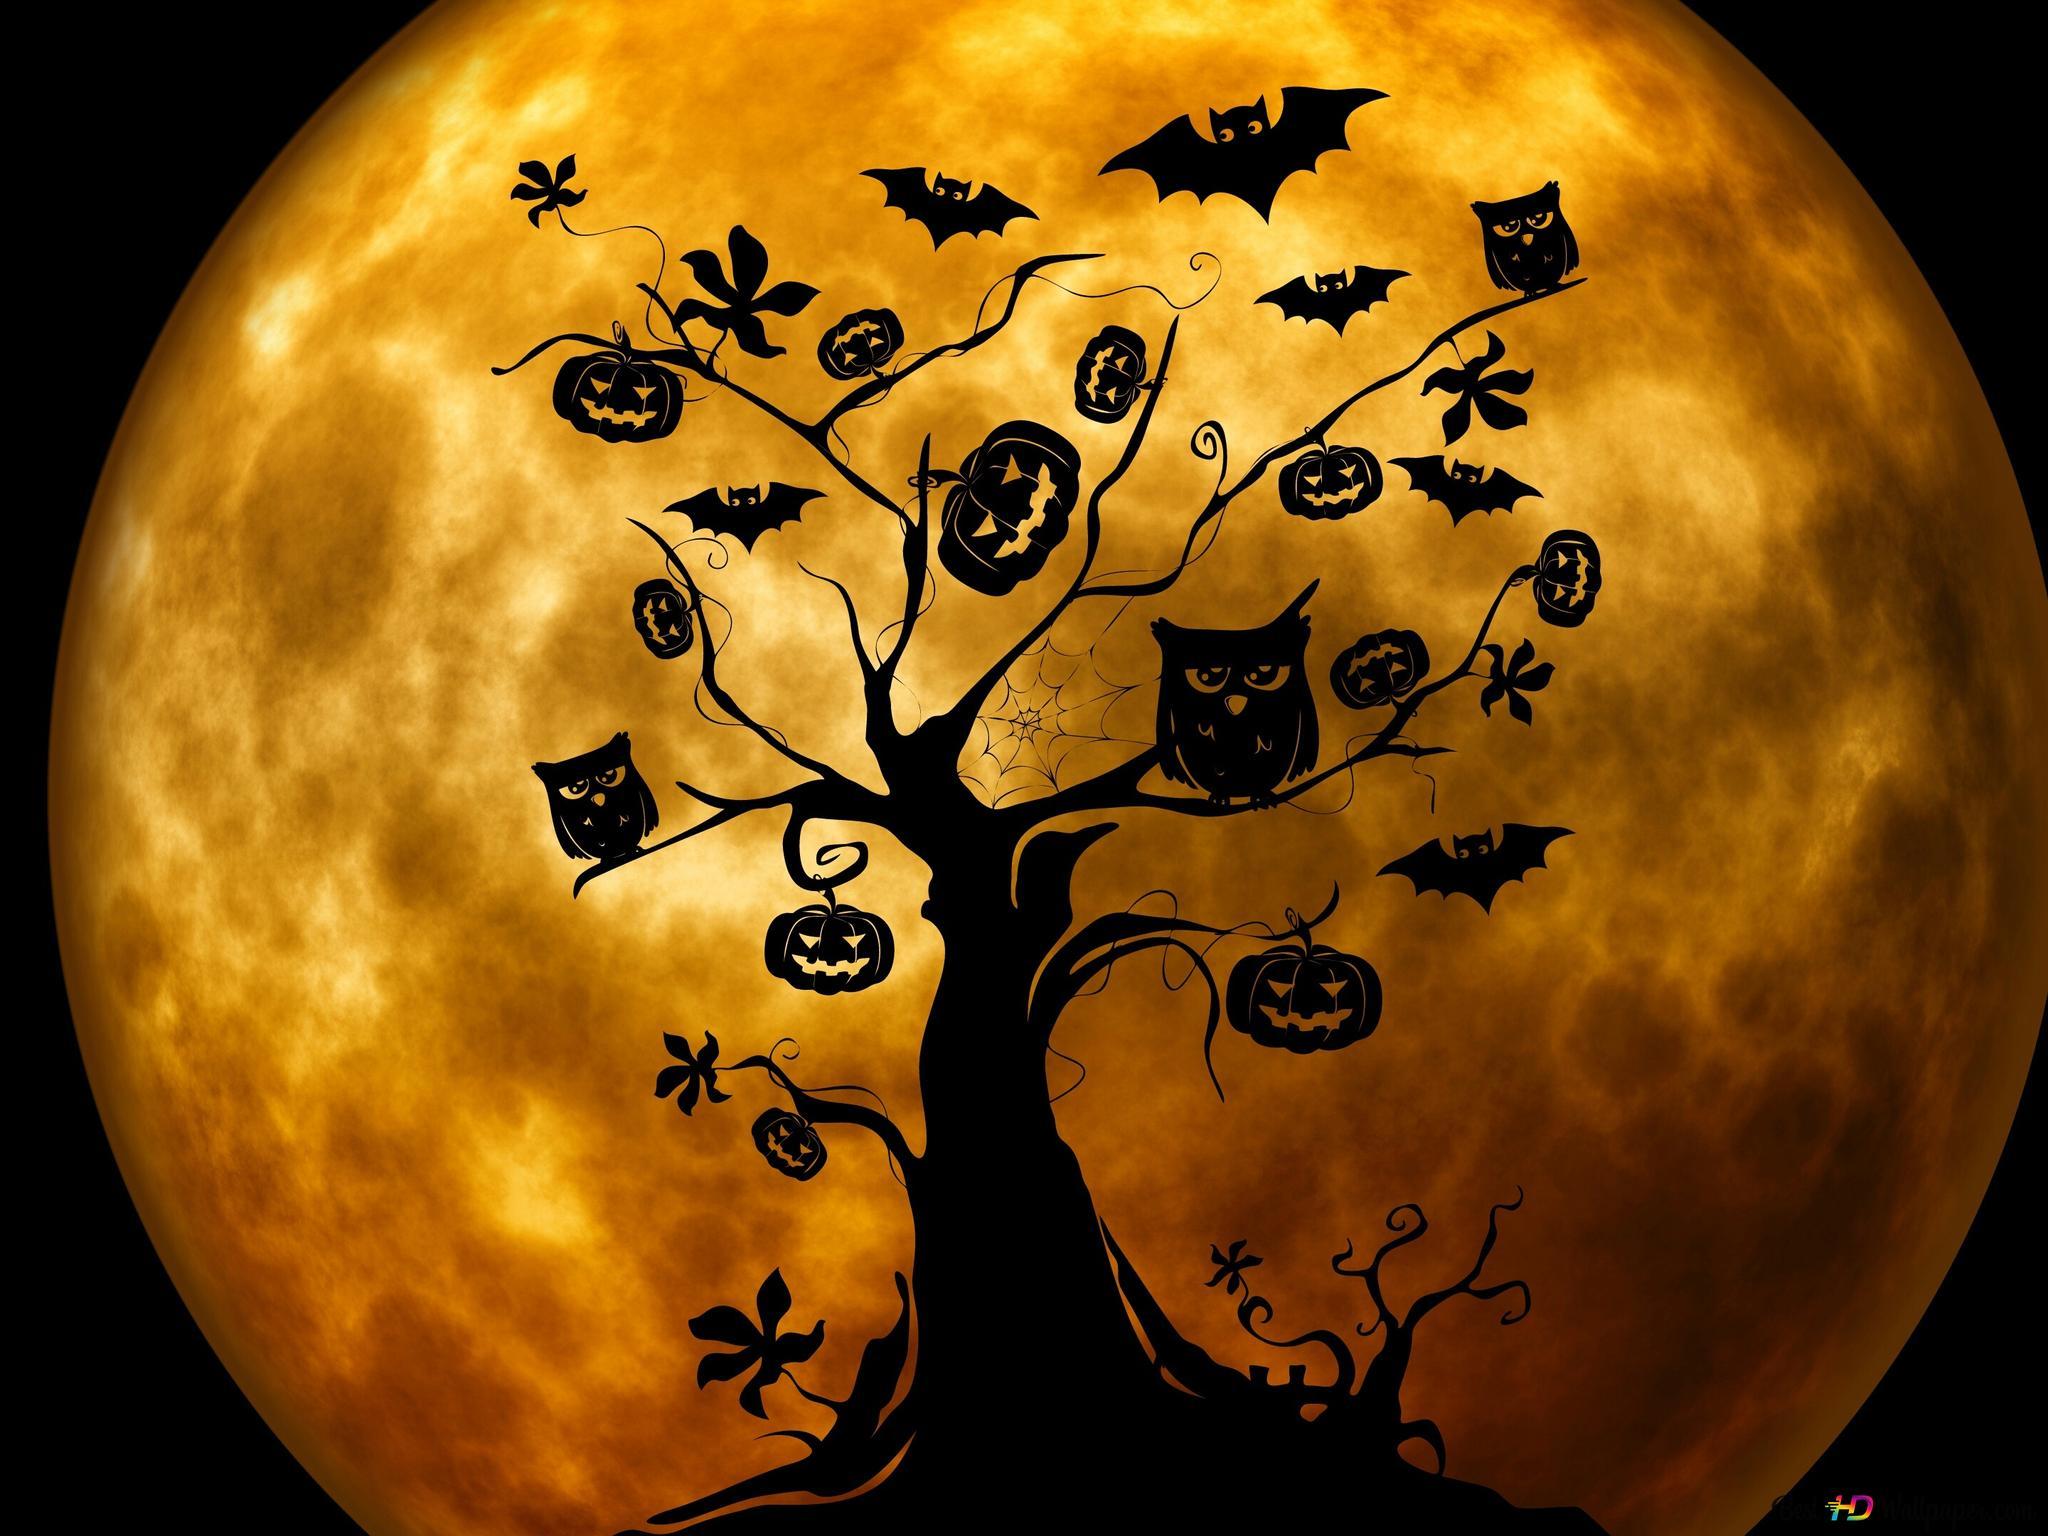 Descargar Fondo De Pantalla árbol De Halloween Hd